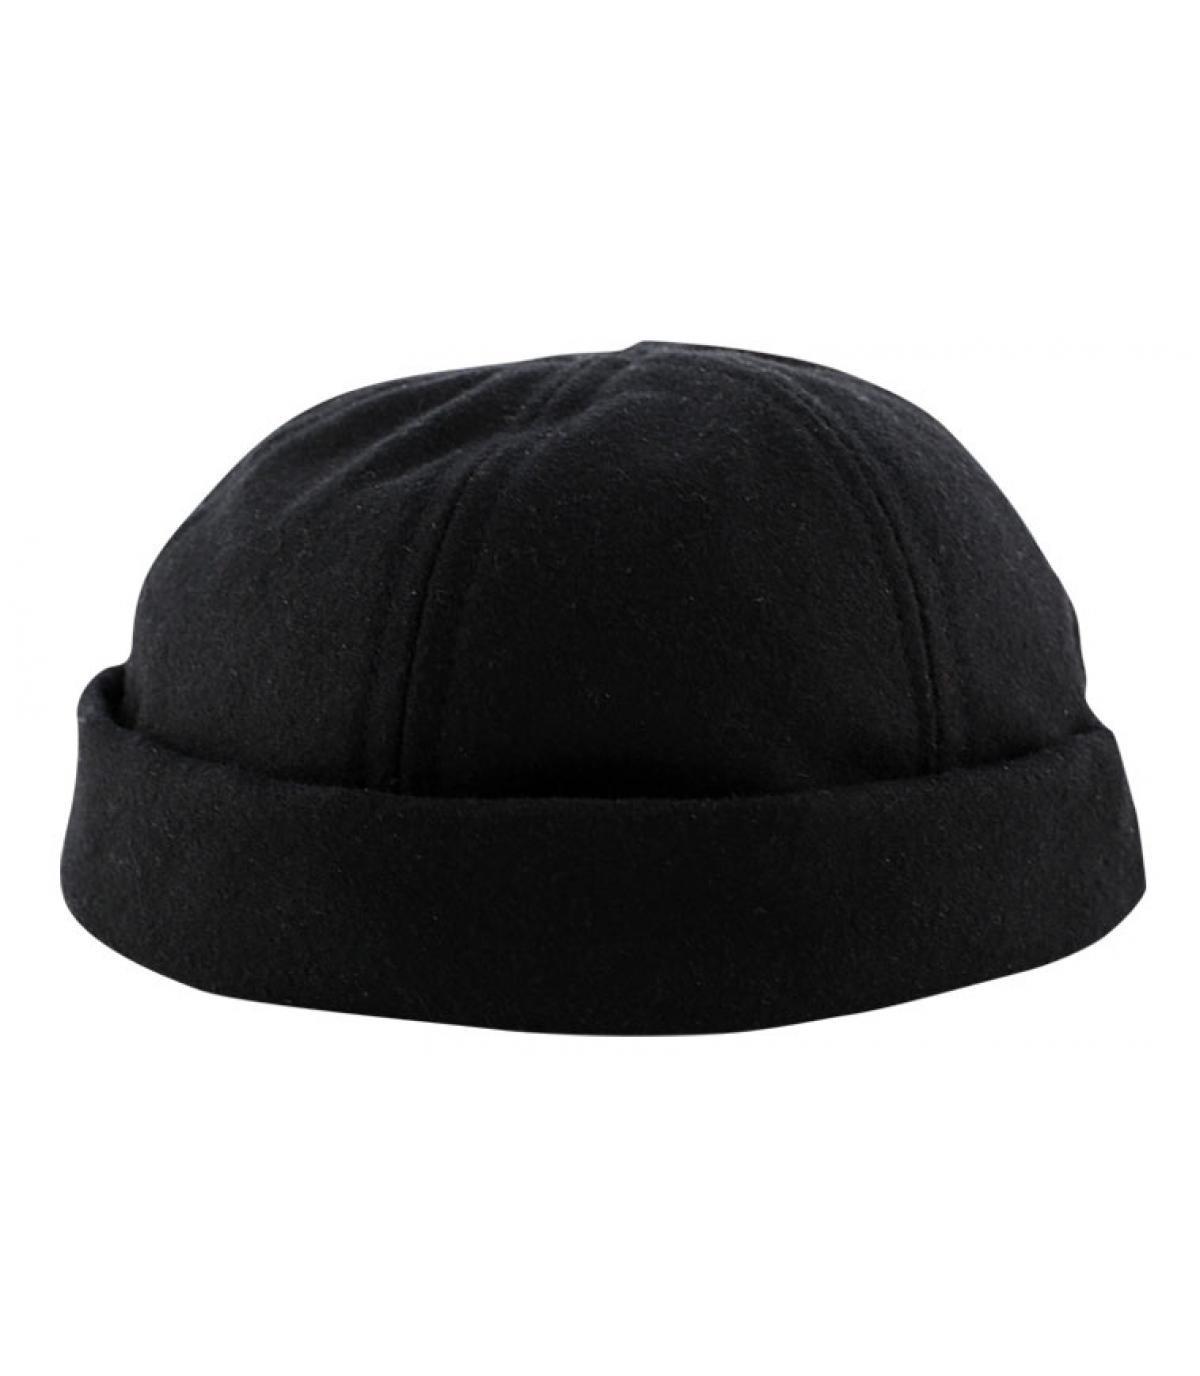 Schwarze Flat Cap